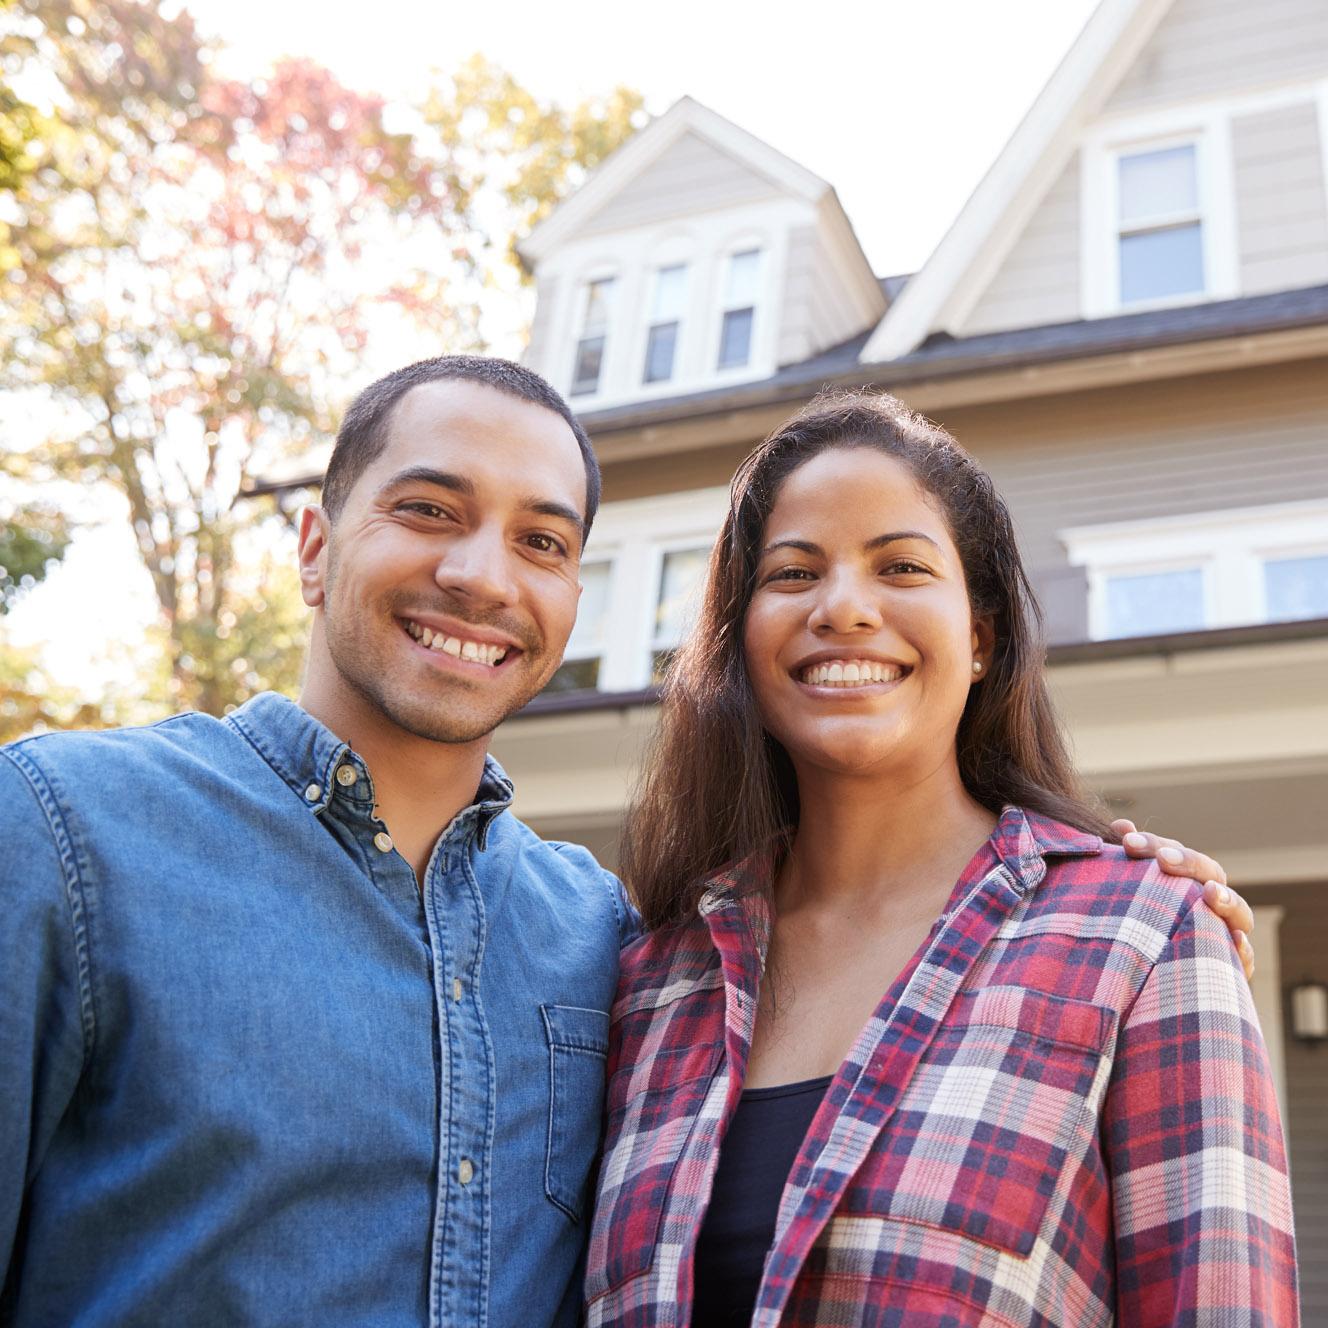 Happy Couple New House